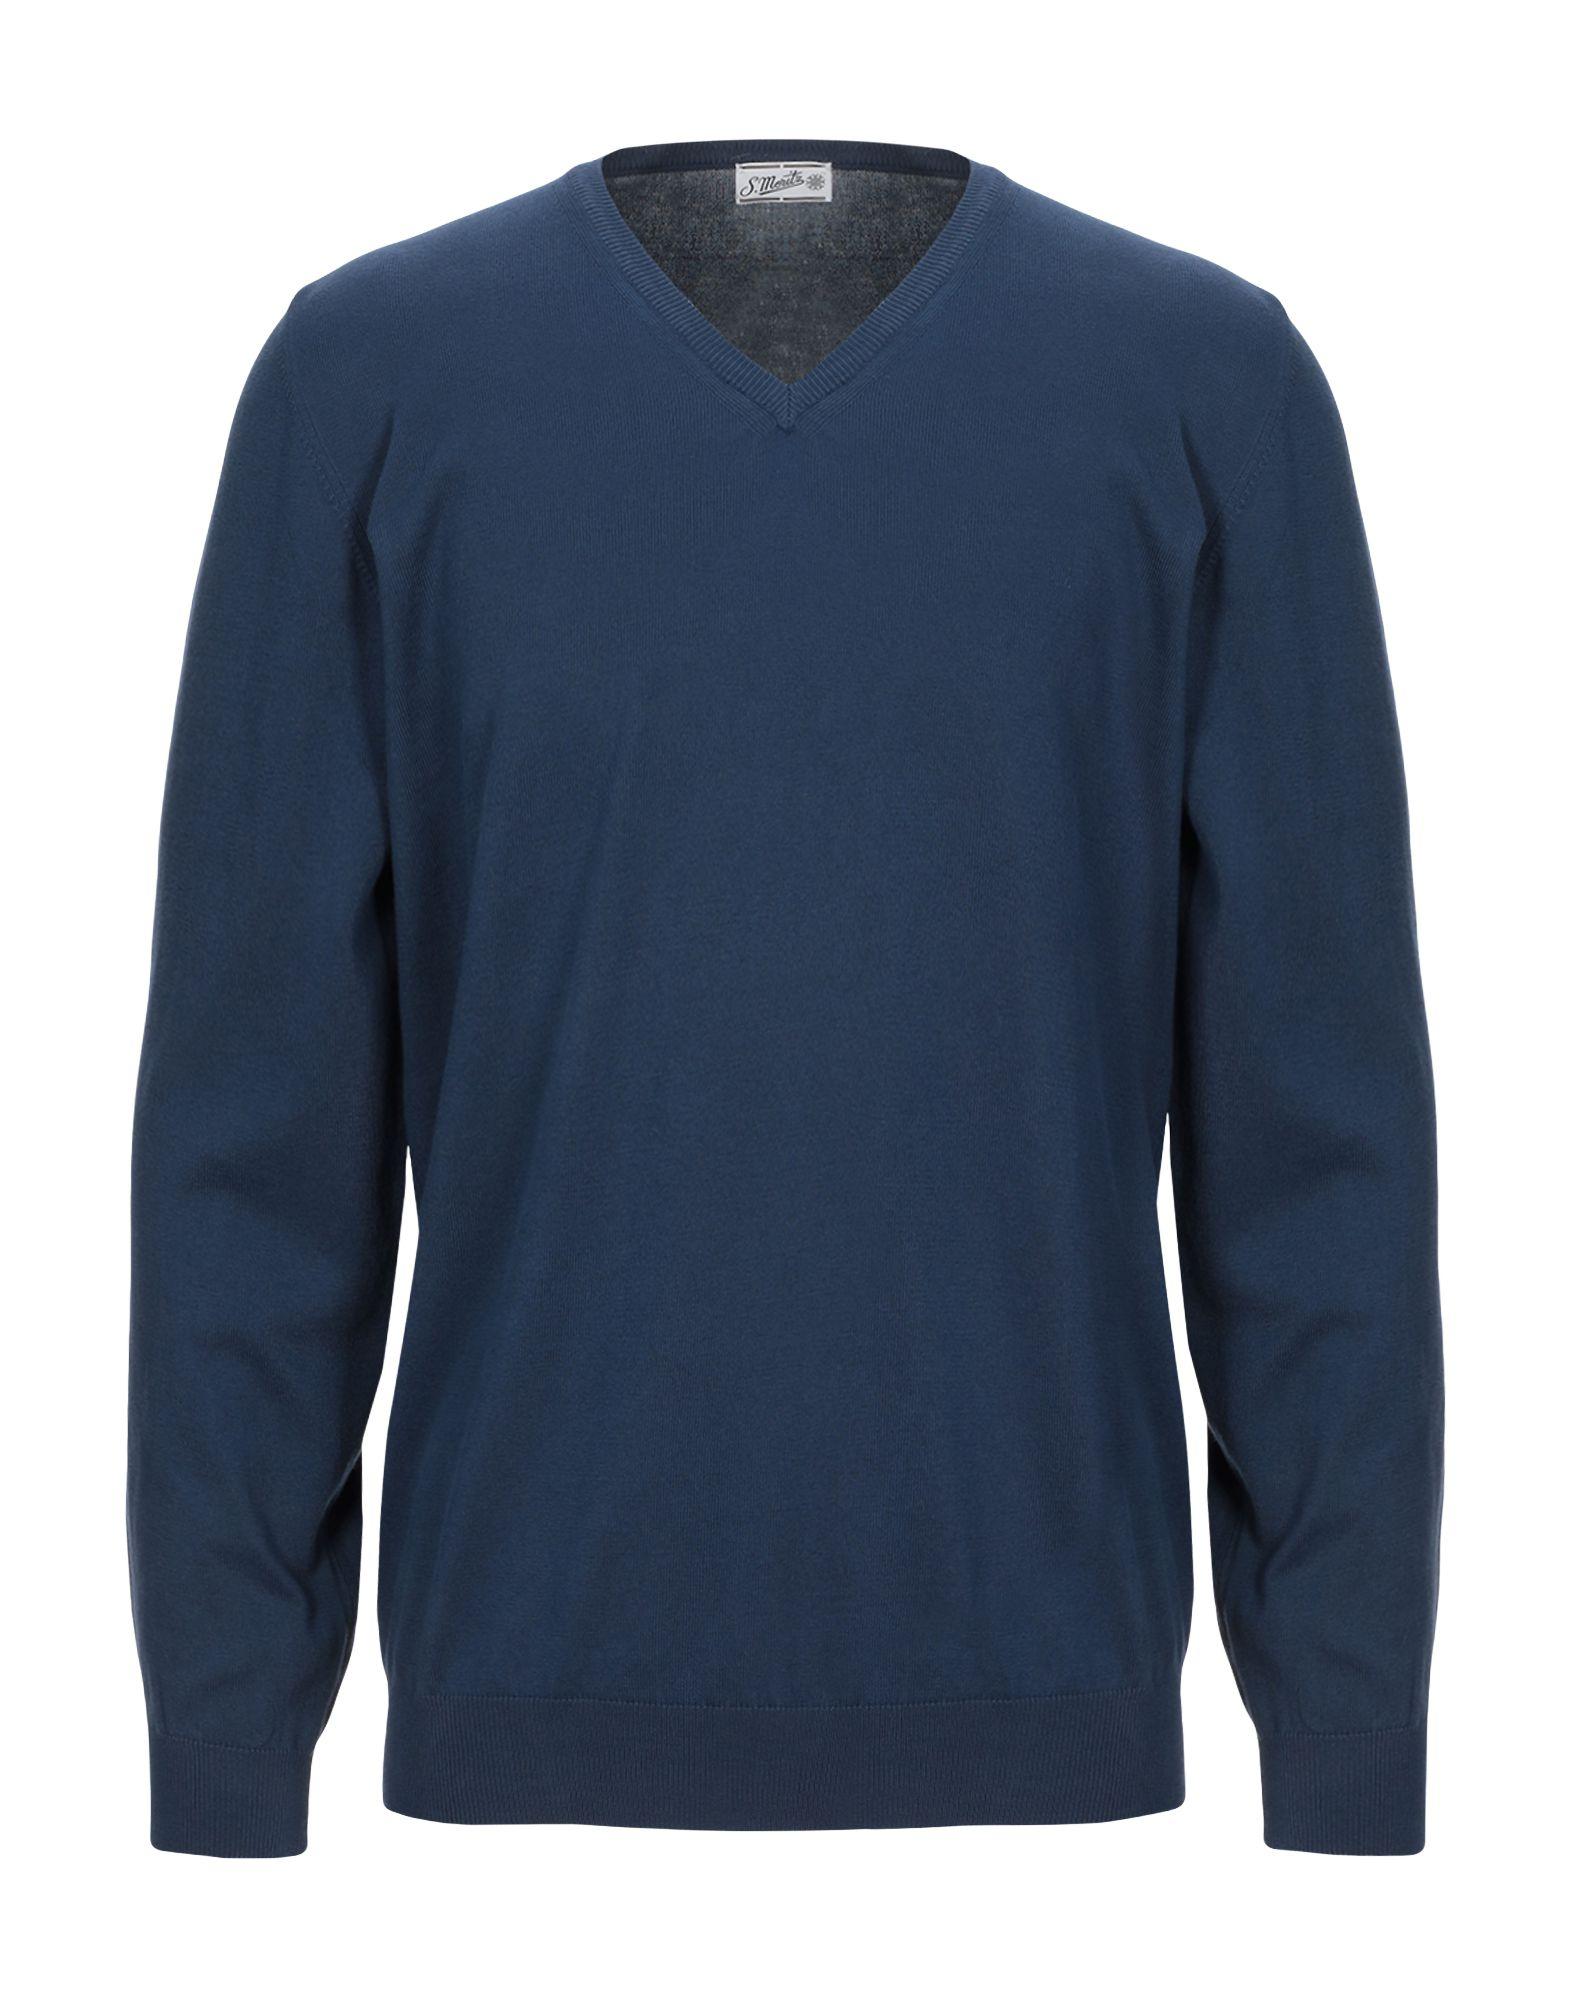 《セール開催中》S. MORITZ メンズ プルオーバー ブルー 56 コットン 100%